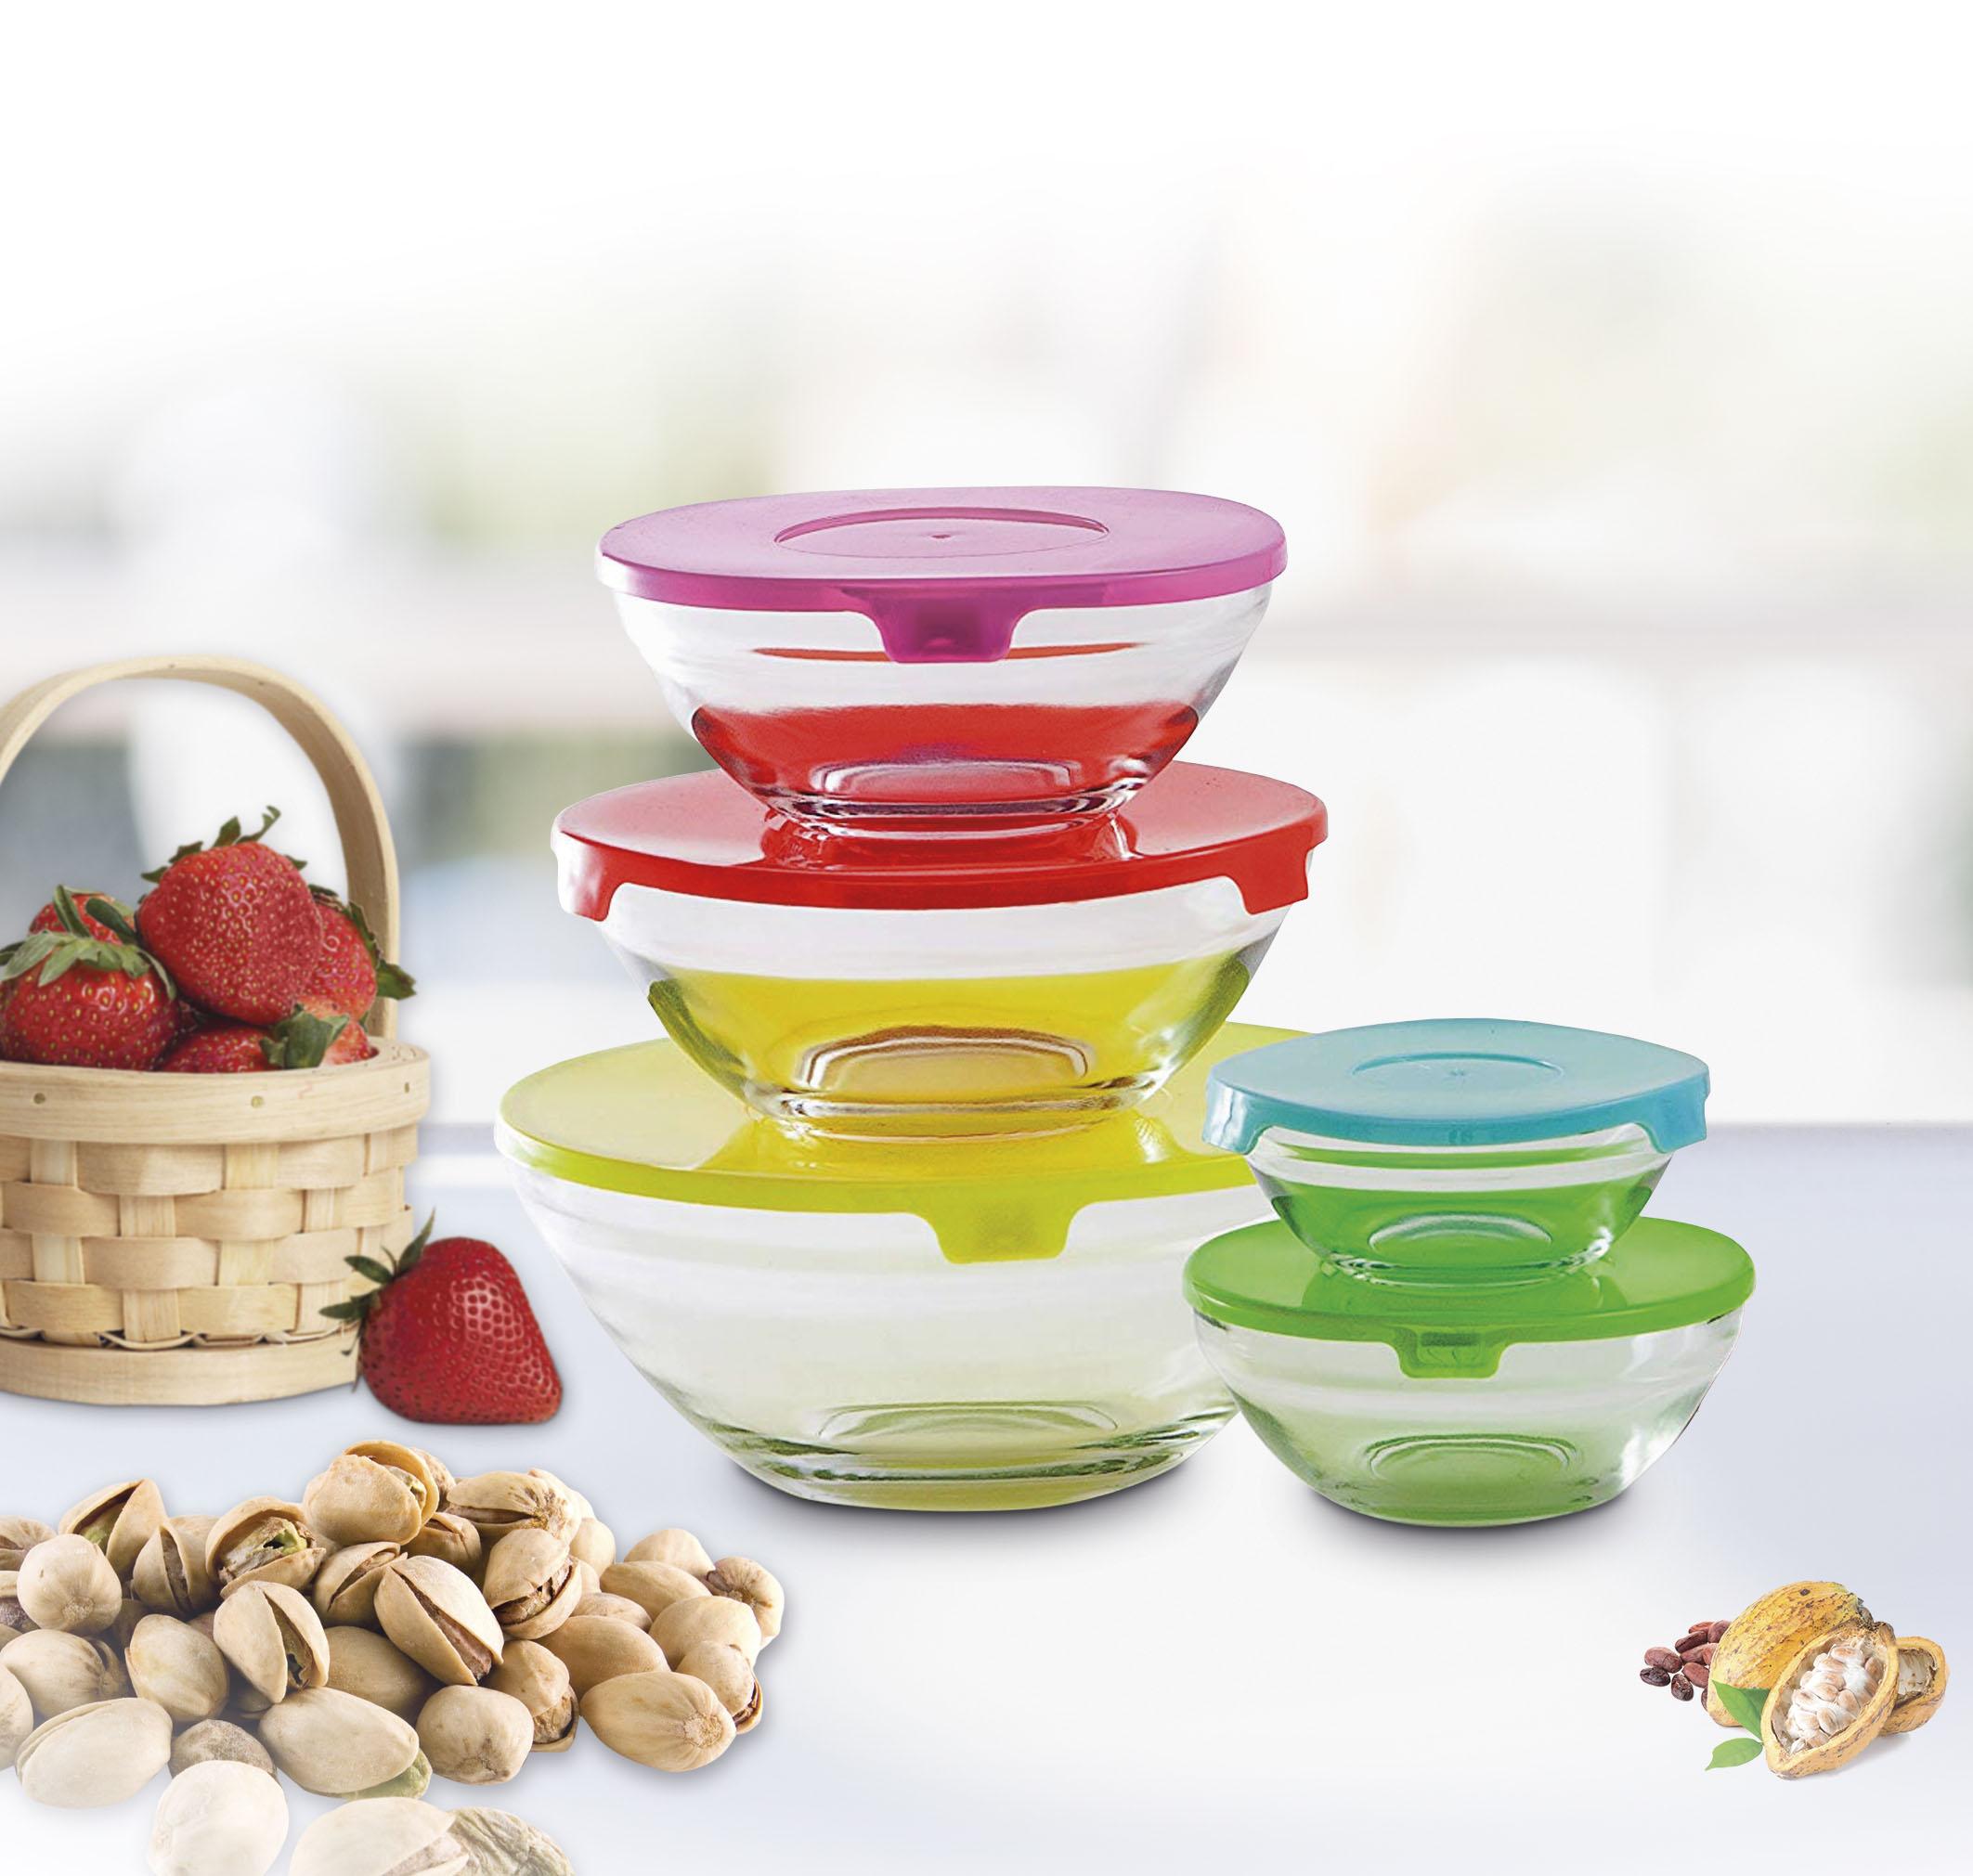 Set recipientes de cristal para alimentos de varios tamaños con tapas de colores BN5745 más regalos BF